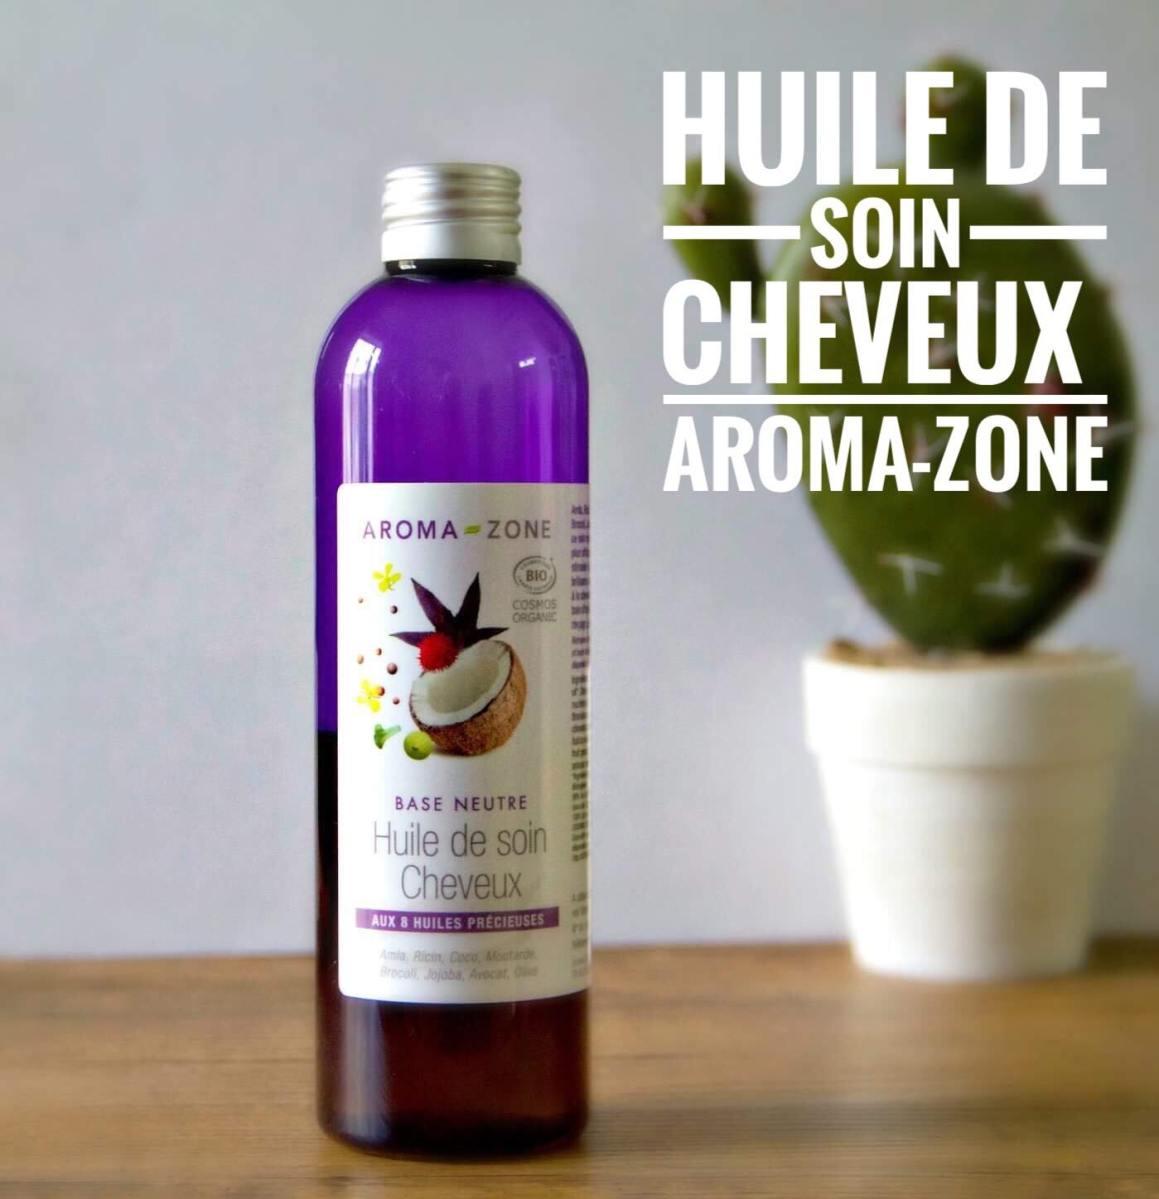 Huile de soin Cheveux BIO d'Aroma-Zone (Avis et recette inside)